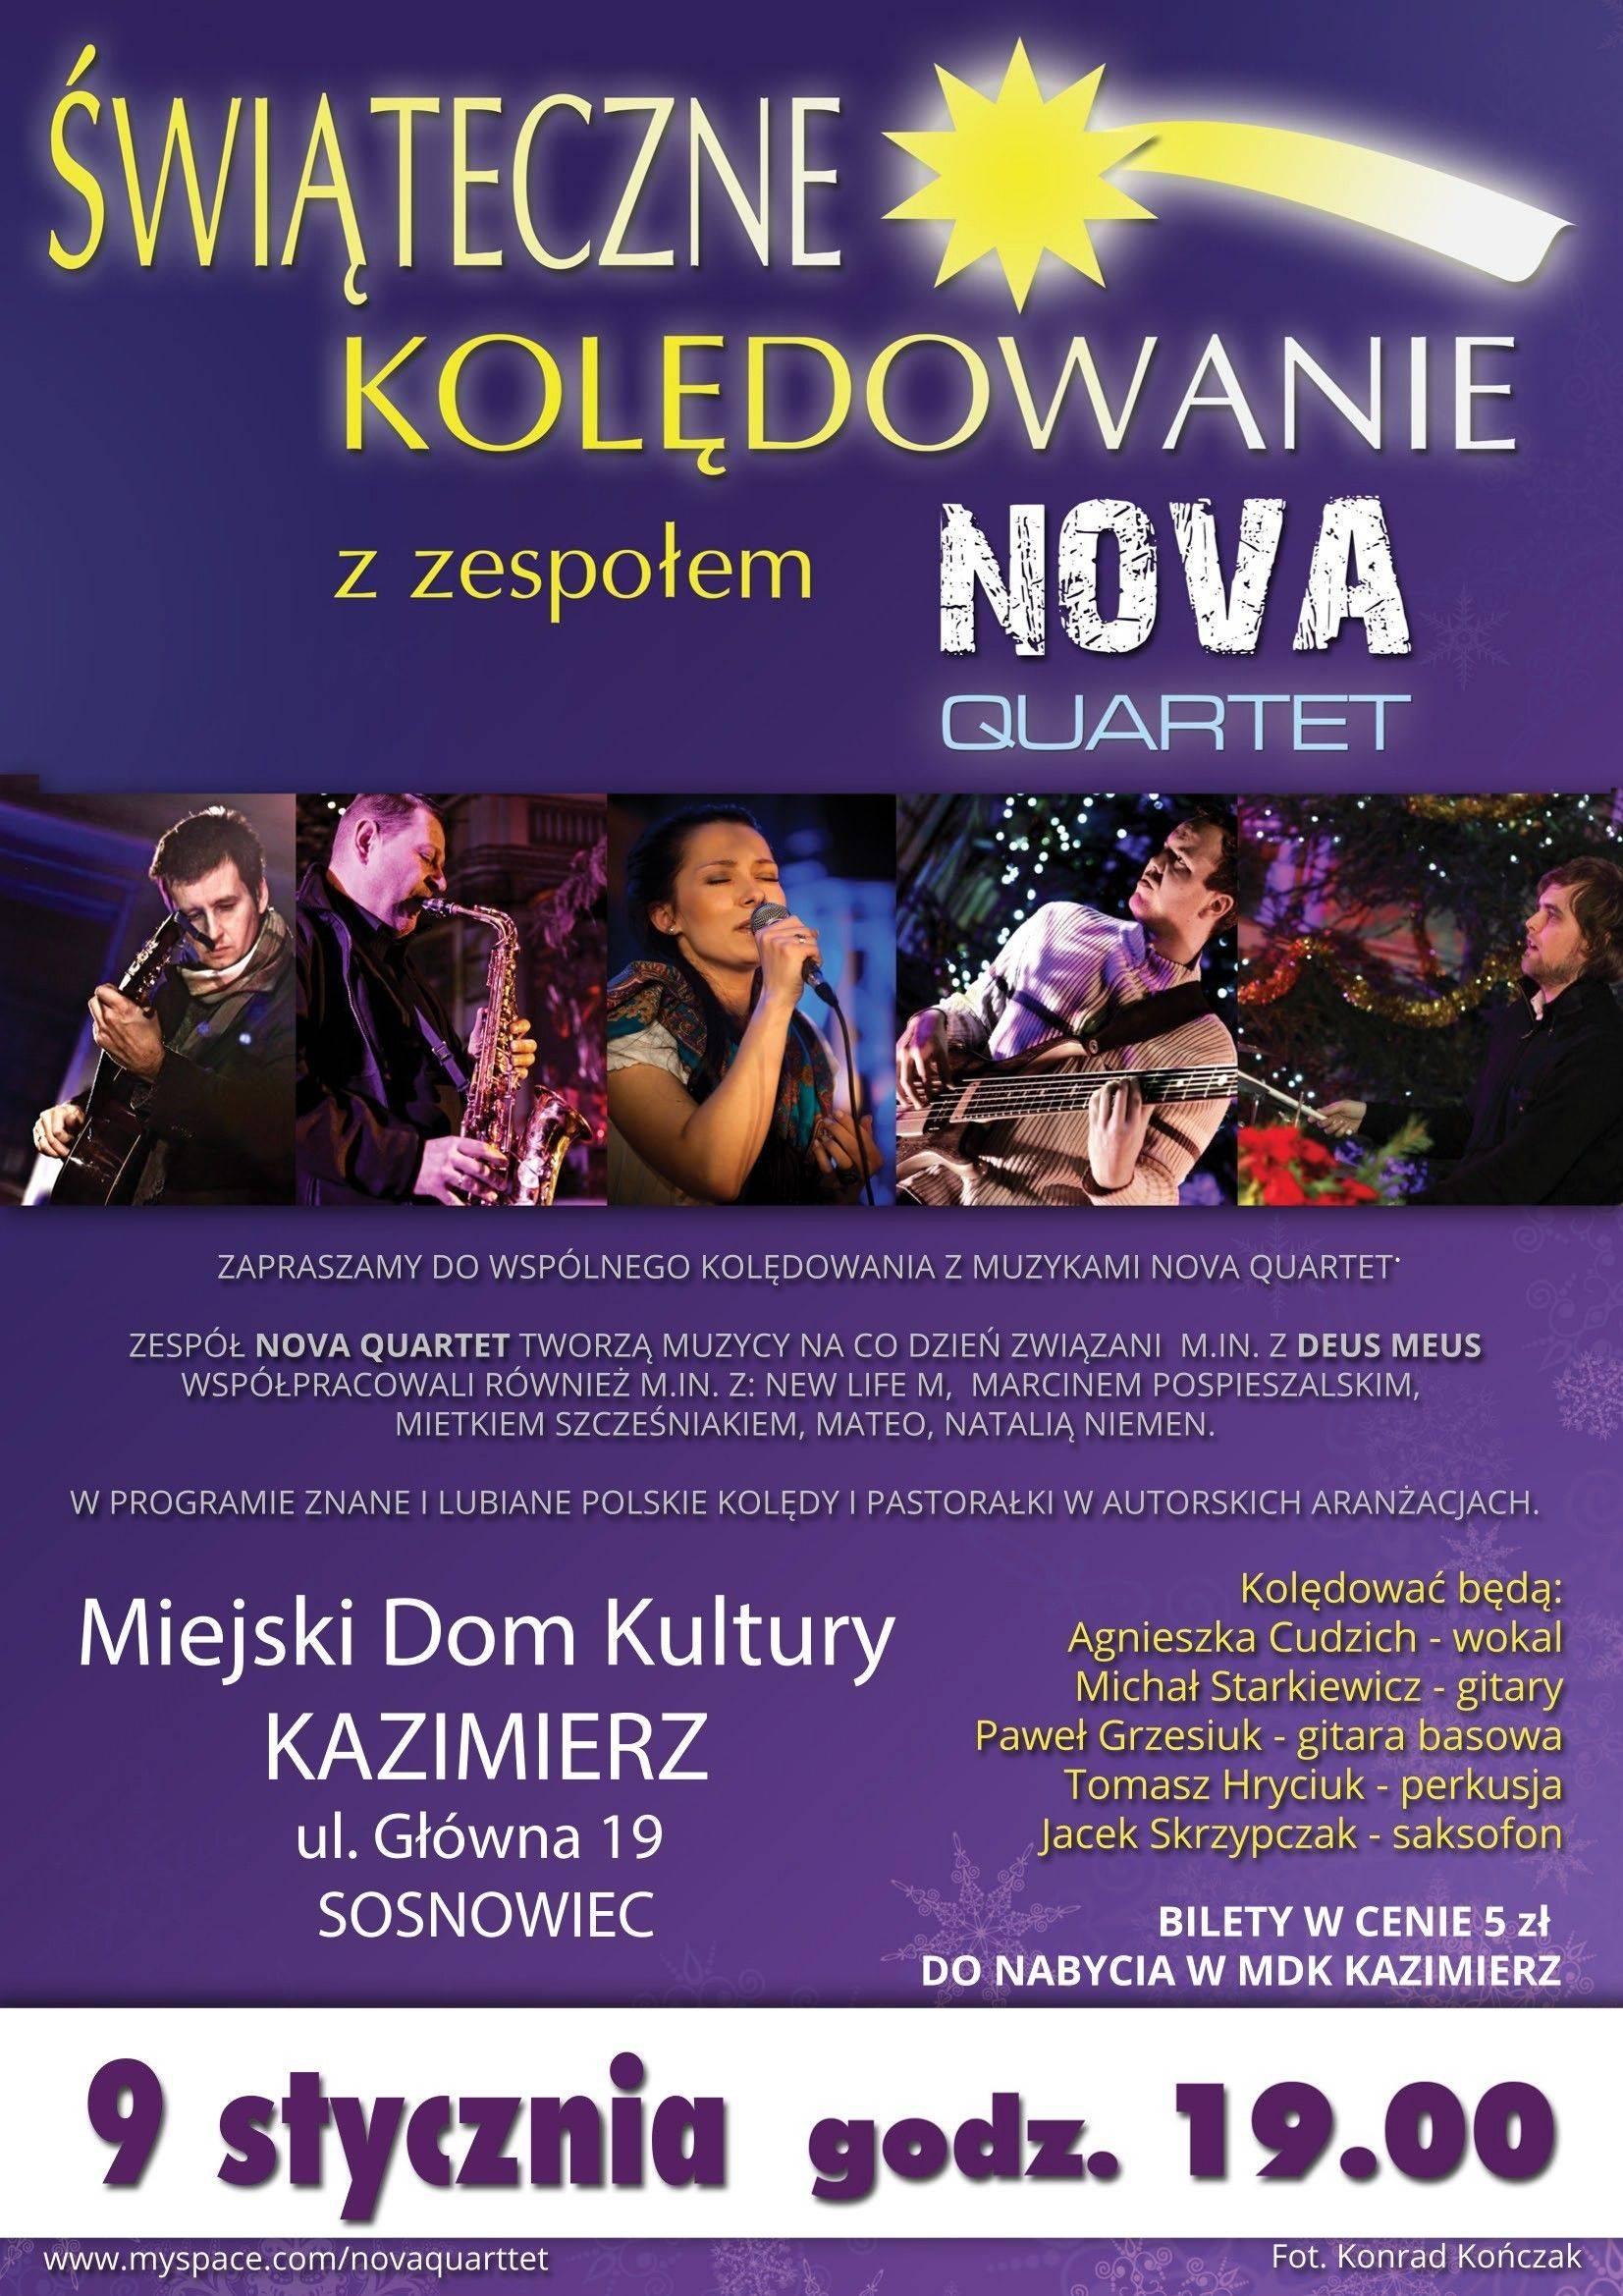 Świąteczne kolędowanie z zespołem Nova Quartet